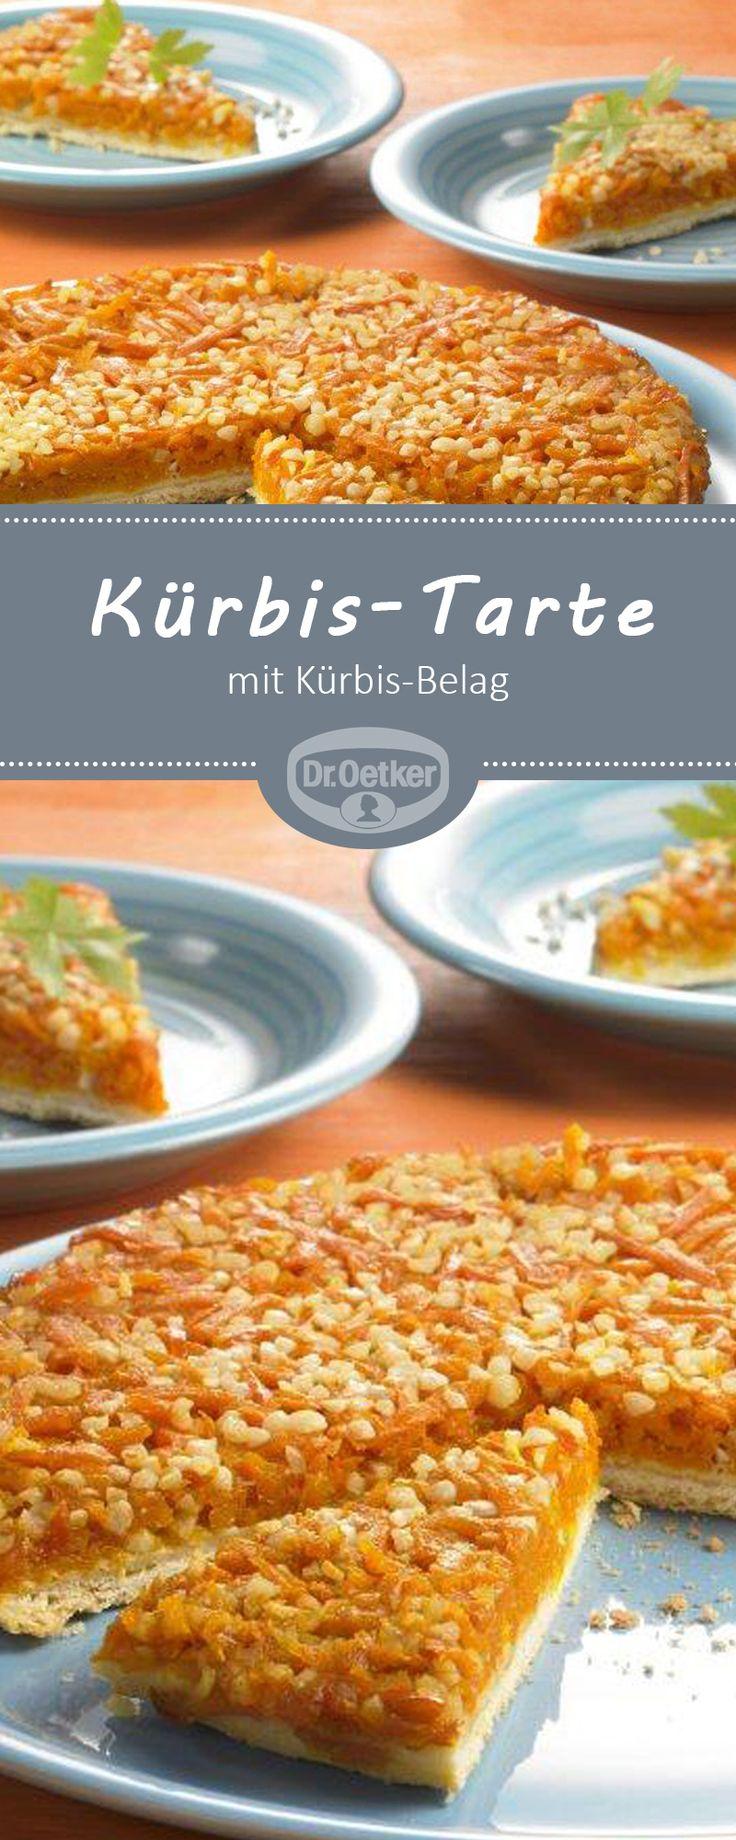 Kürbis-Tarte: Eine Tarte mit Kürbis-Belag für den Herbst